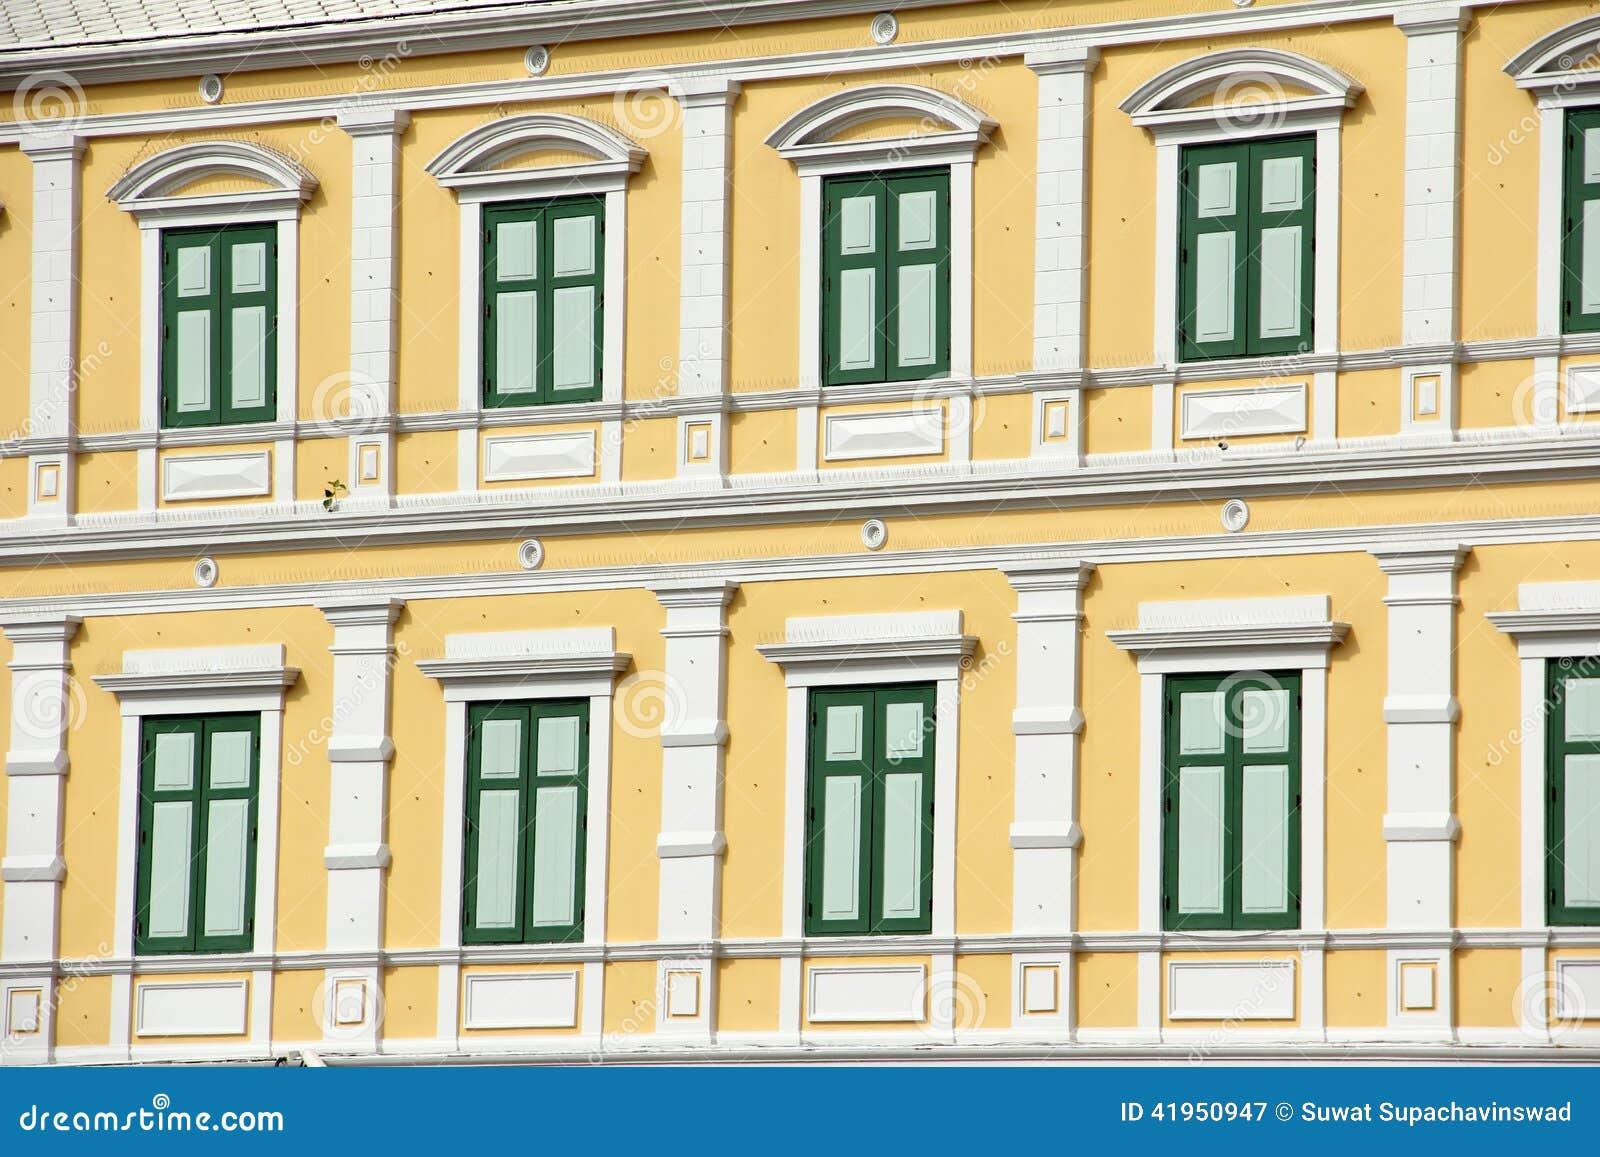 Stary budynku zielonego koloru nadokienny projekt